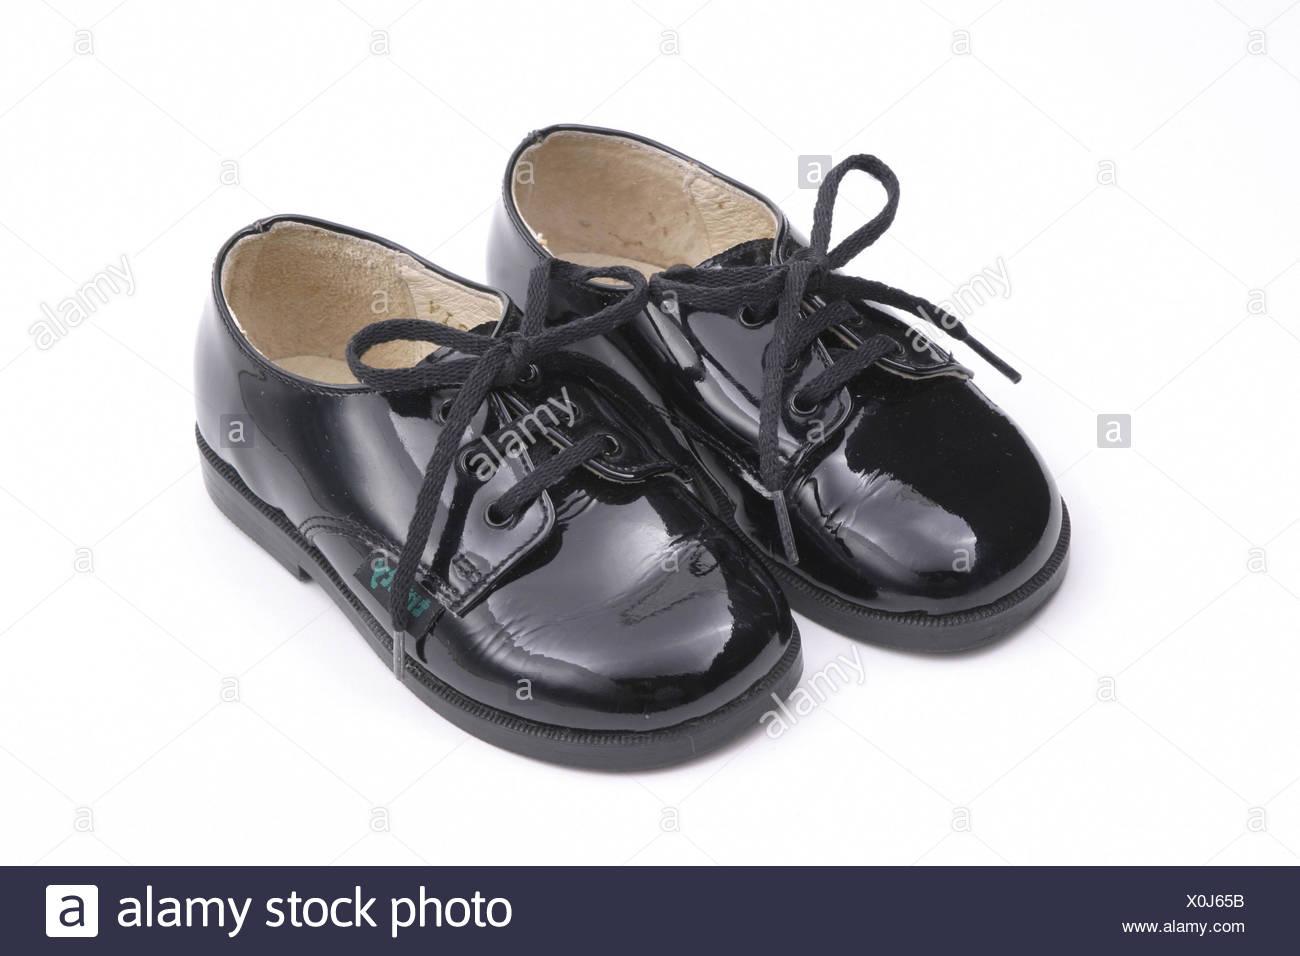 buy cheap e96af f63a5 Kinderschuhe, schwarzes Mädchen Schuhe, Lackschuhe, Lack ...